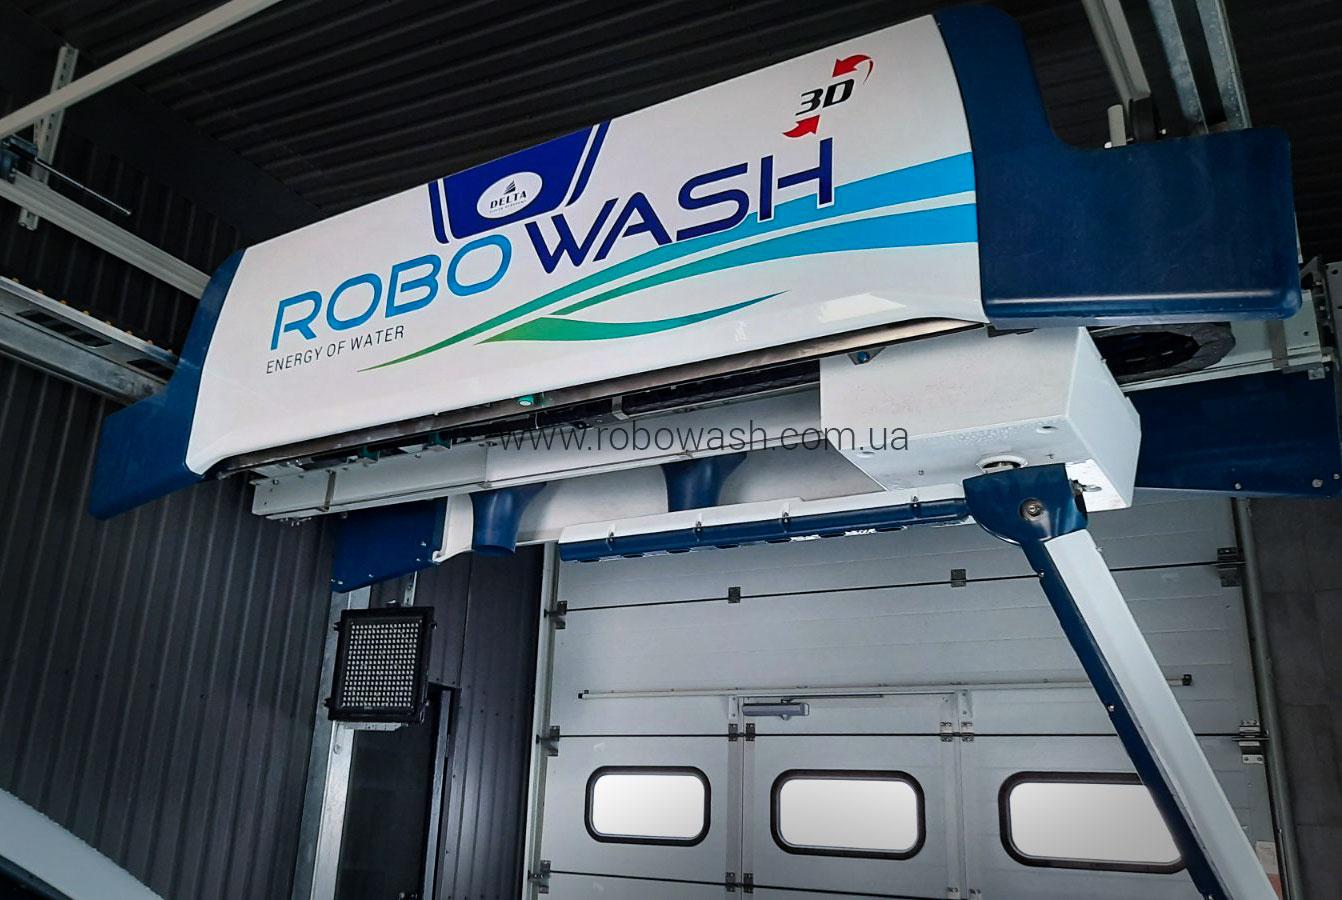 Автоматическая робот мойка RoboWash на автомойке в Киеве